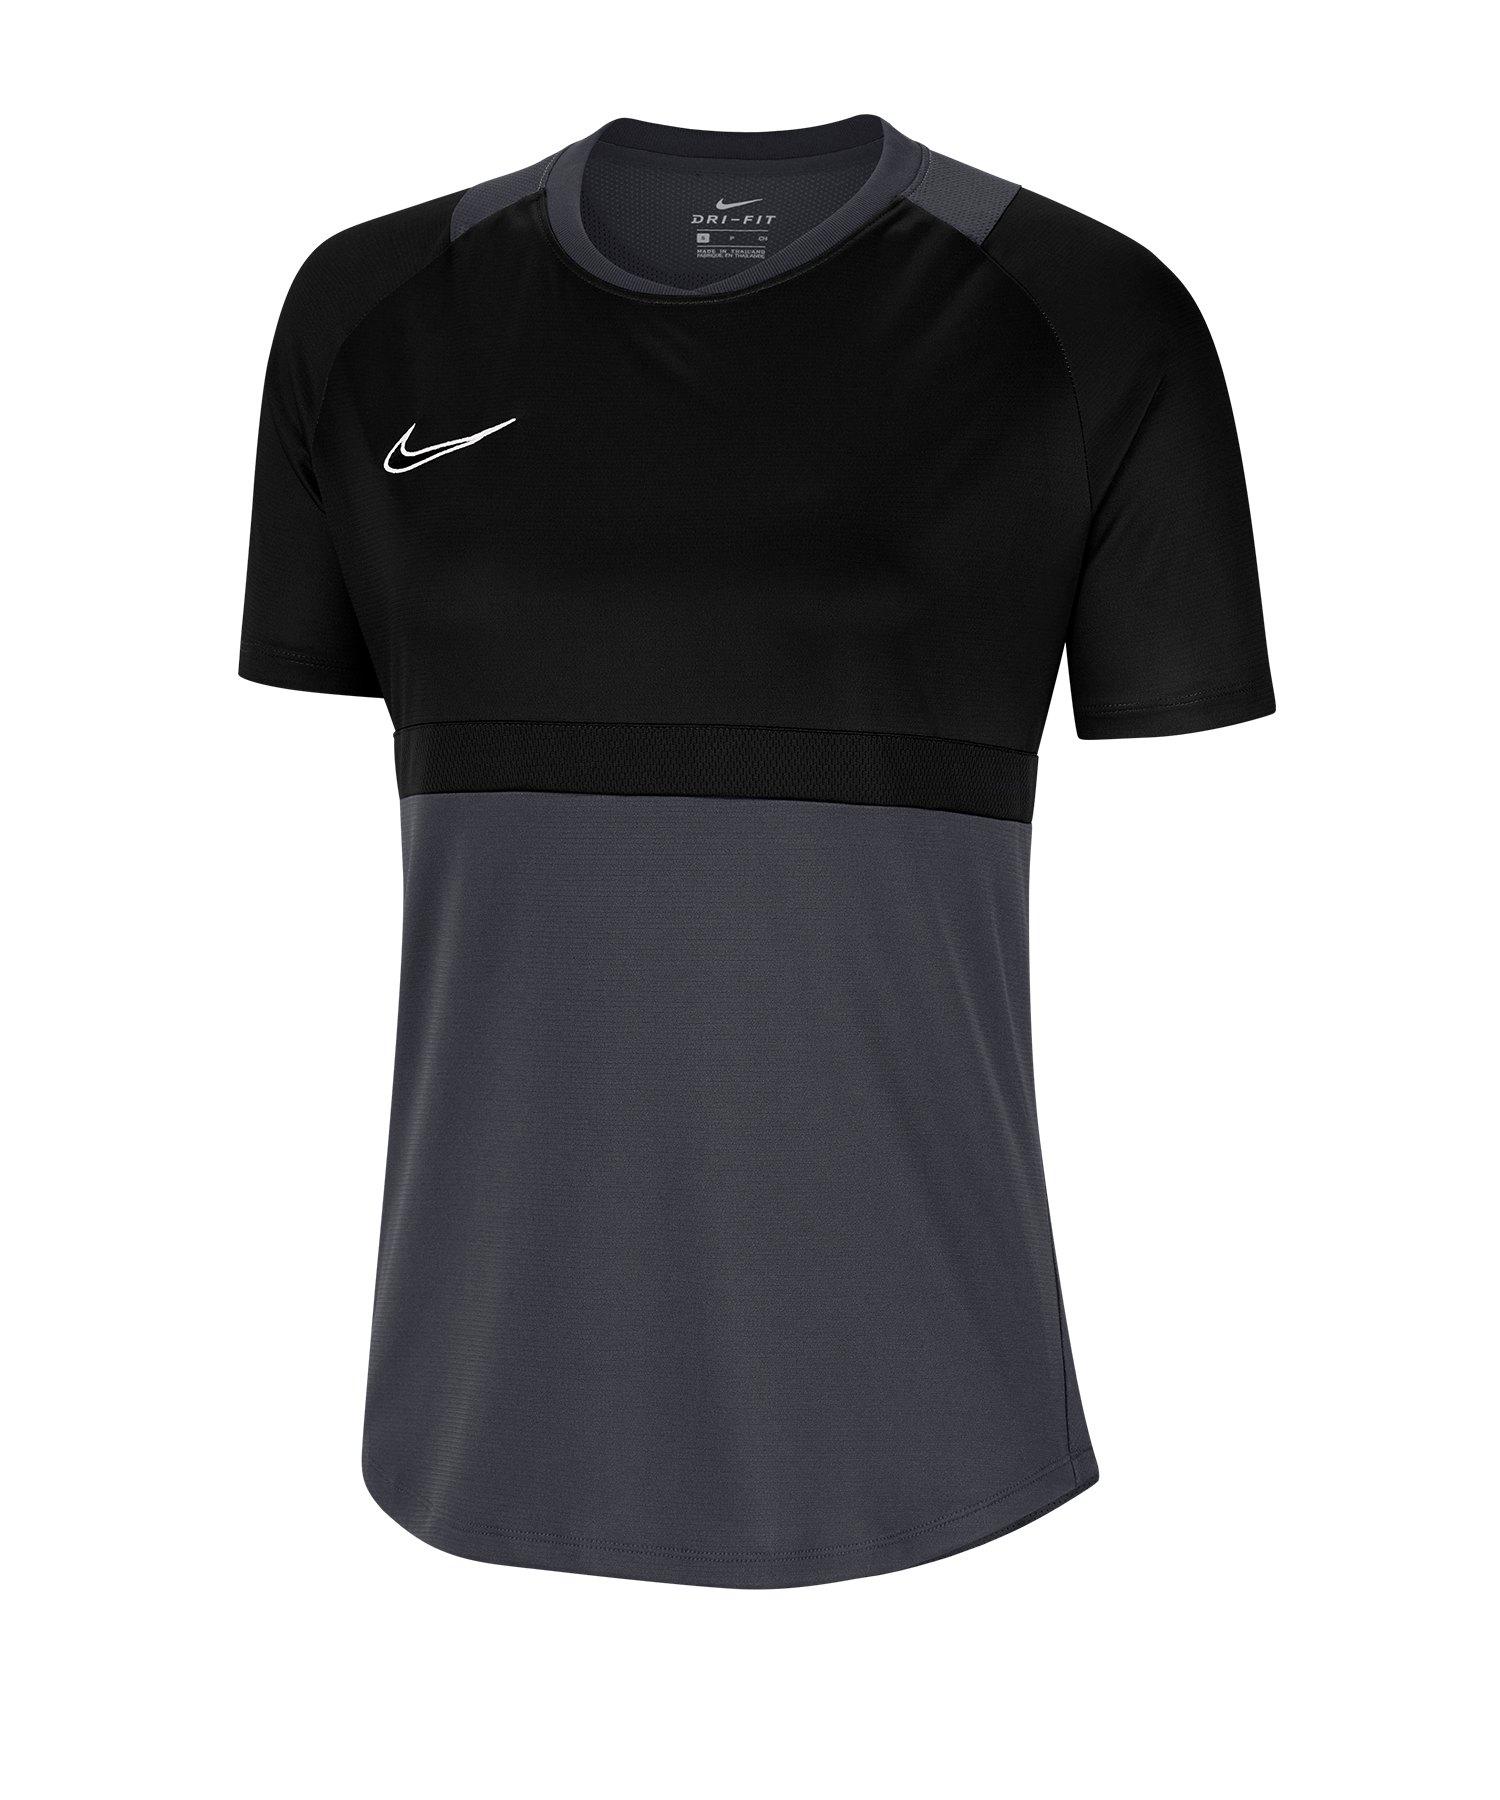 Nike Academy Pro Shirt kurzarm Damen F010 - schwarz